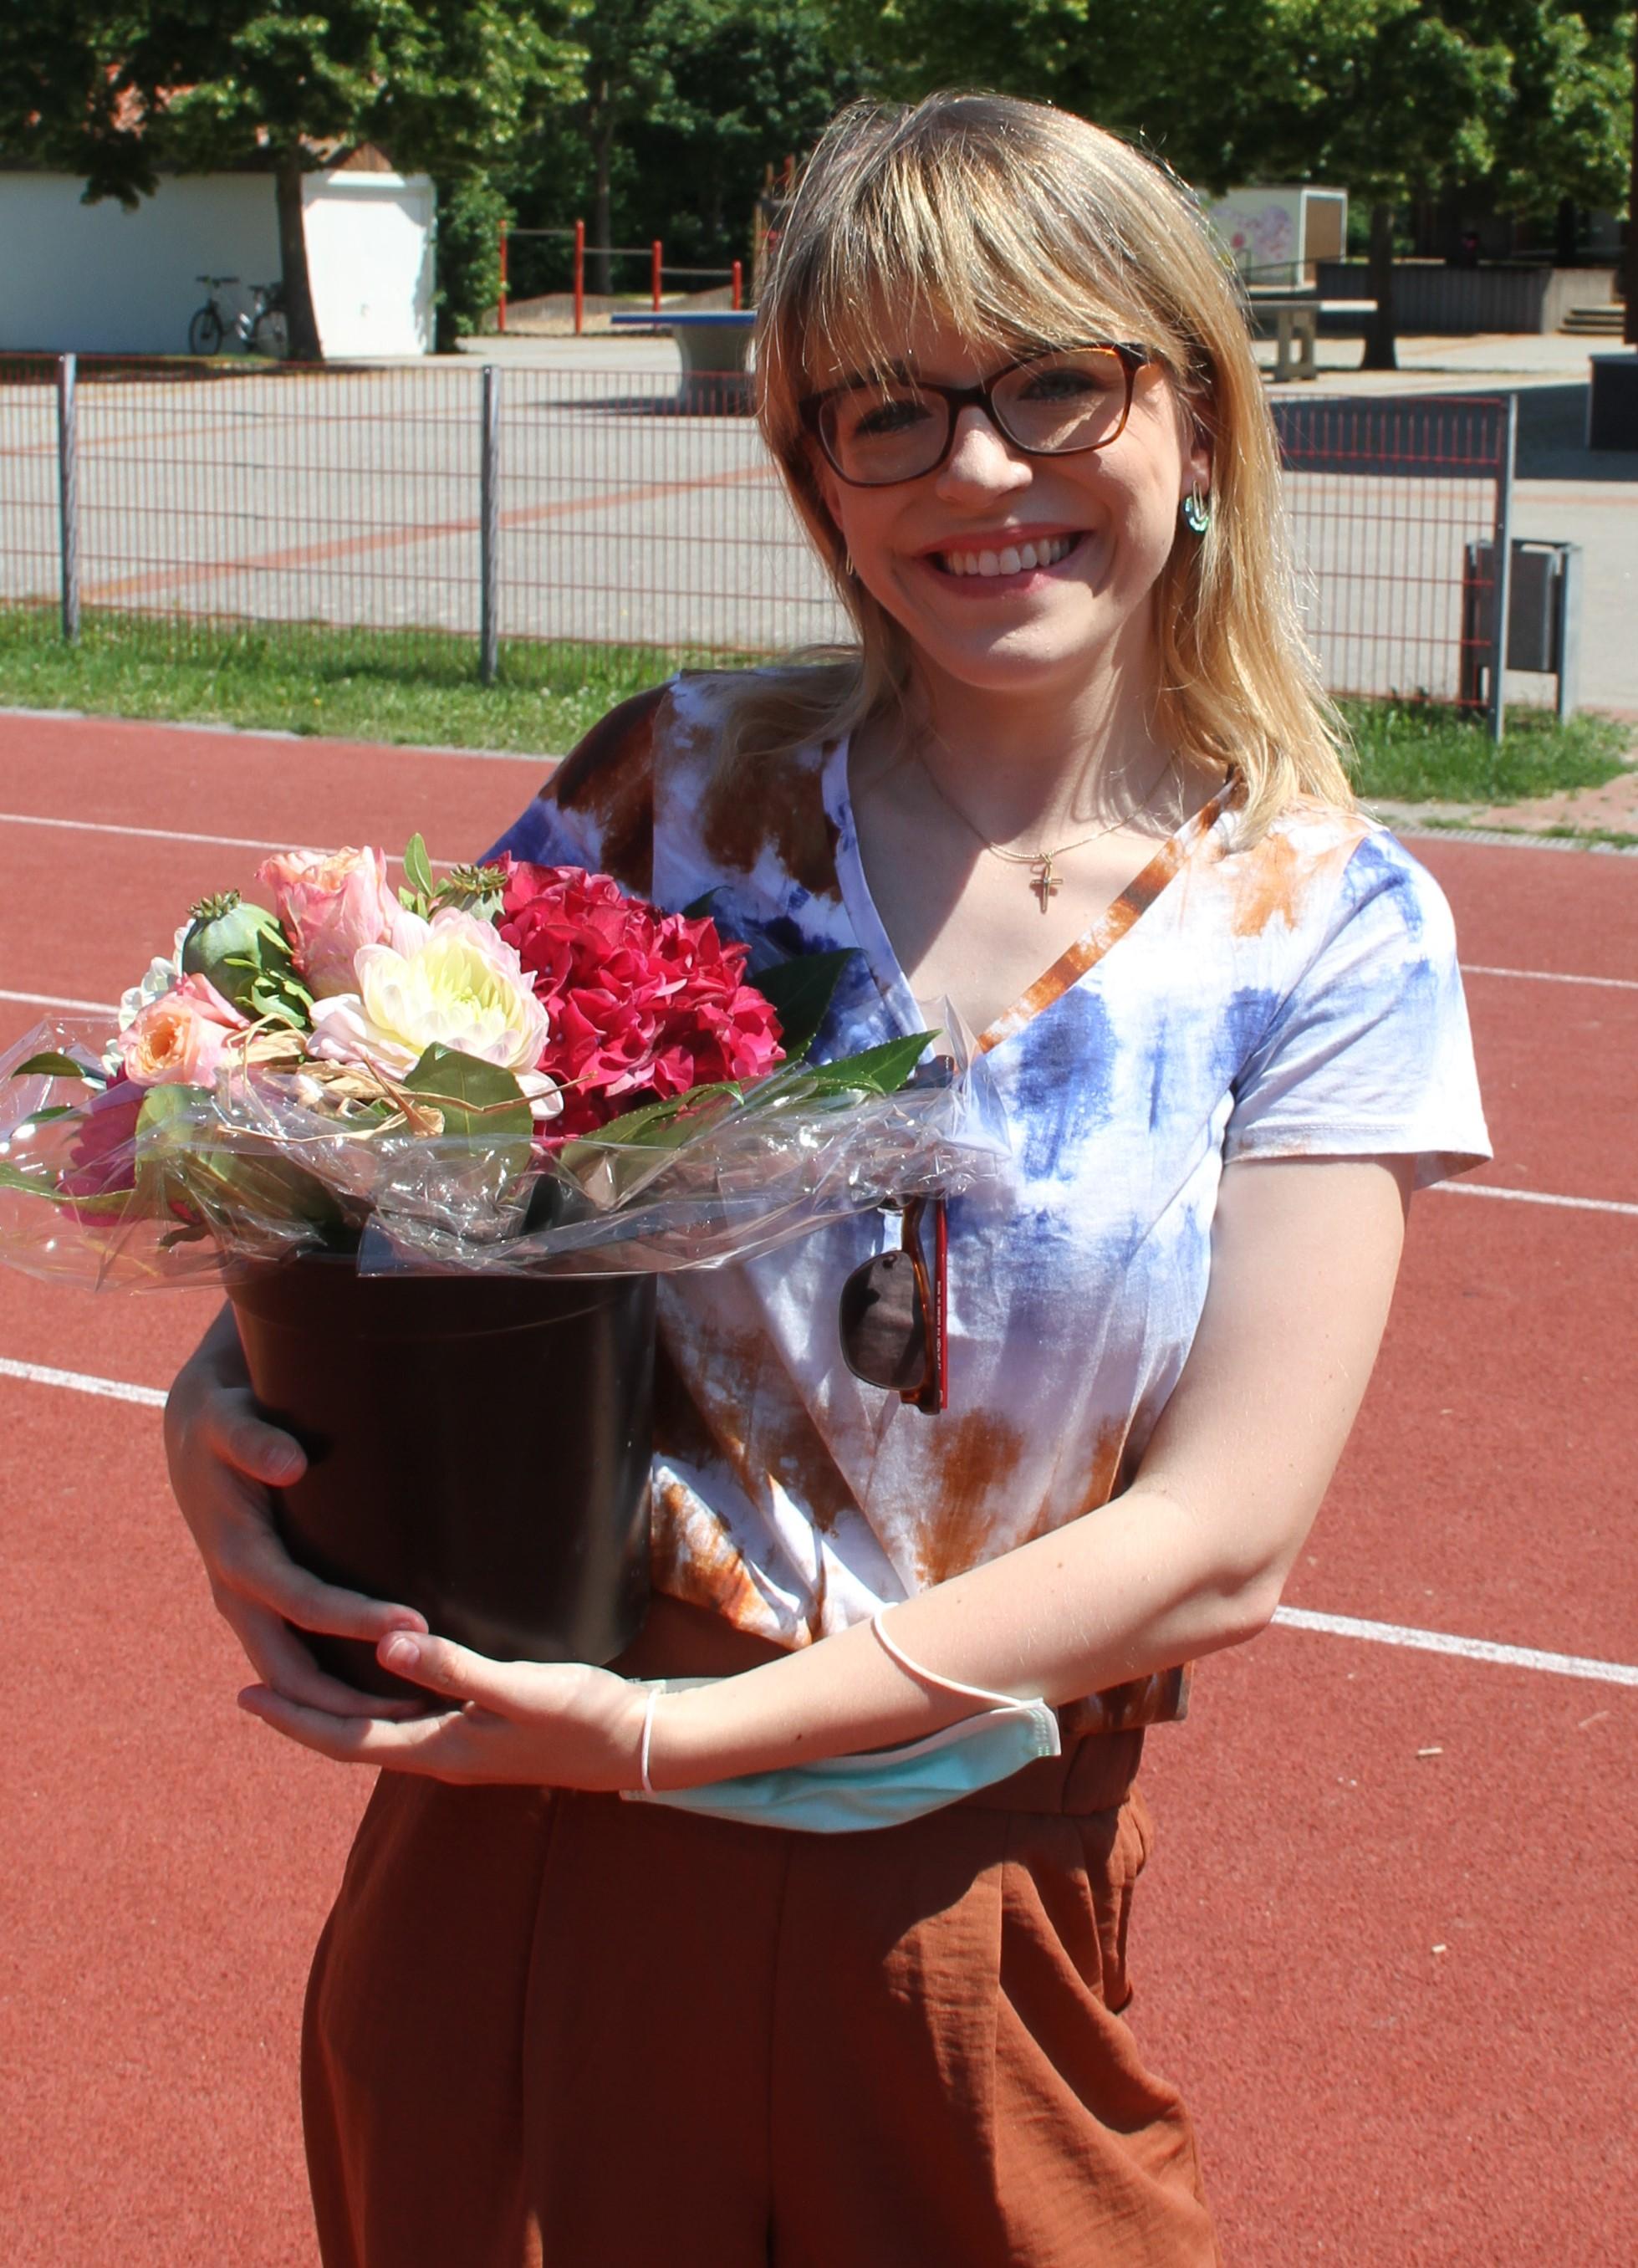 Foto der Semestersprecherin Verena Reusch